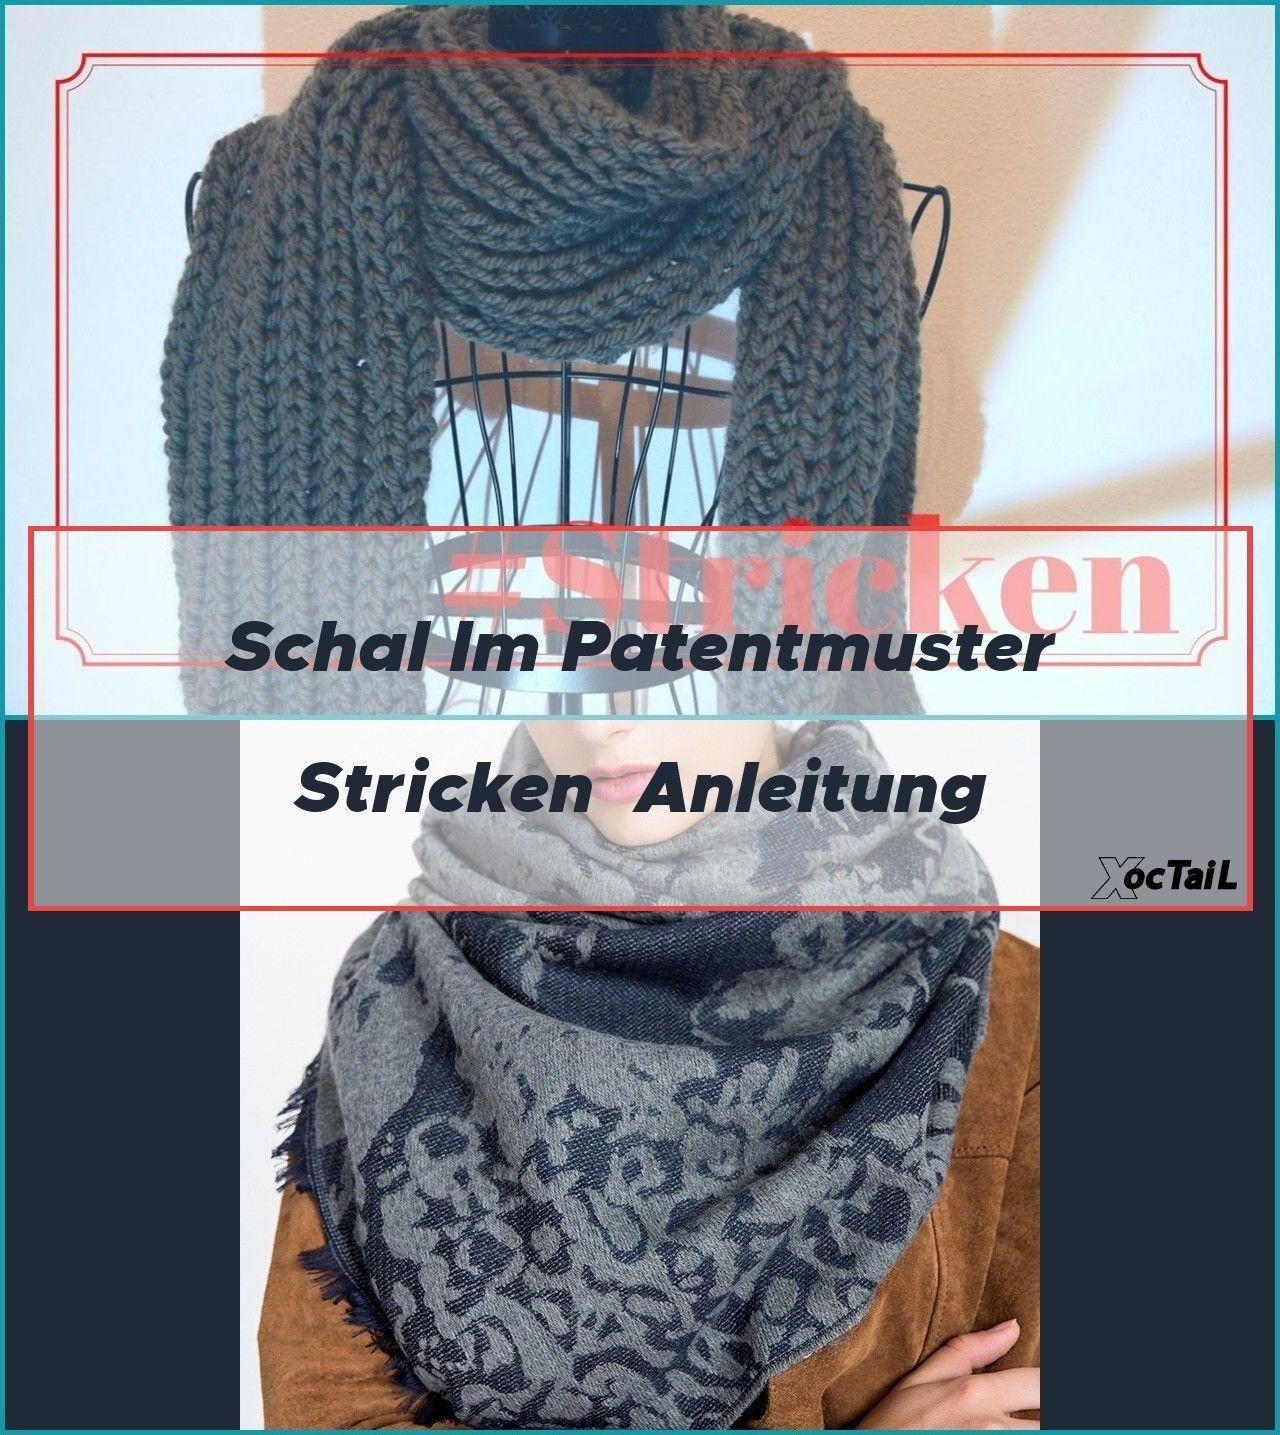 Photo of Schal im Patentmuster stricken  Anleitung,  #Anleitung #Patentmuster #patentmusterstricken #S…